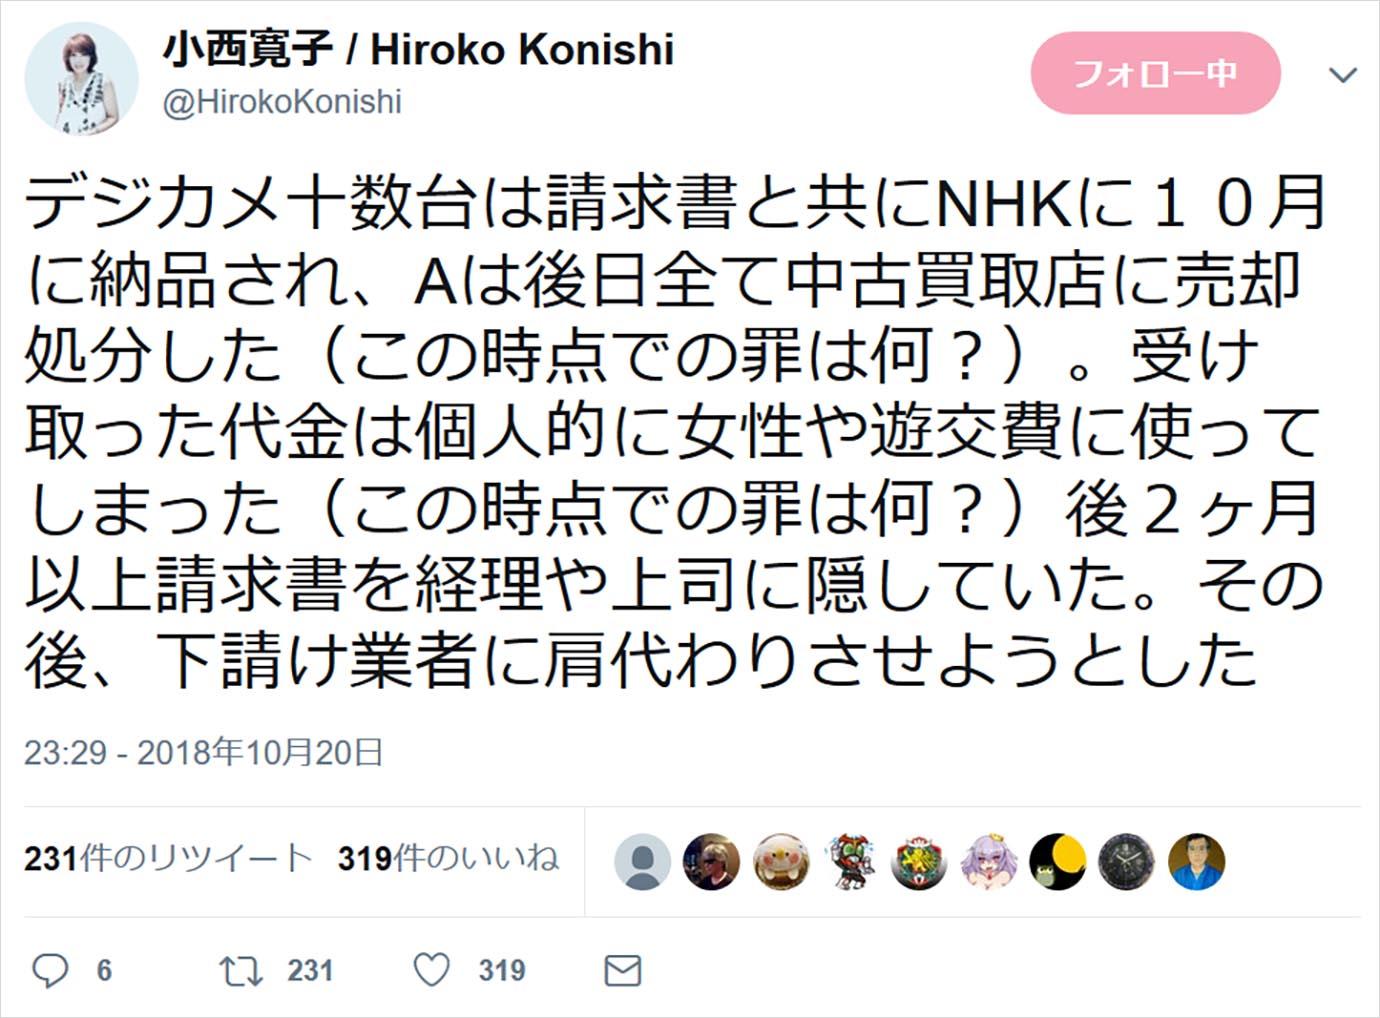 konishi-hiroko-img1